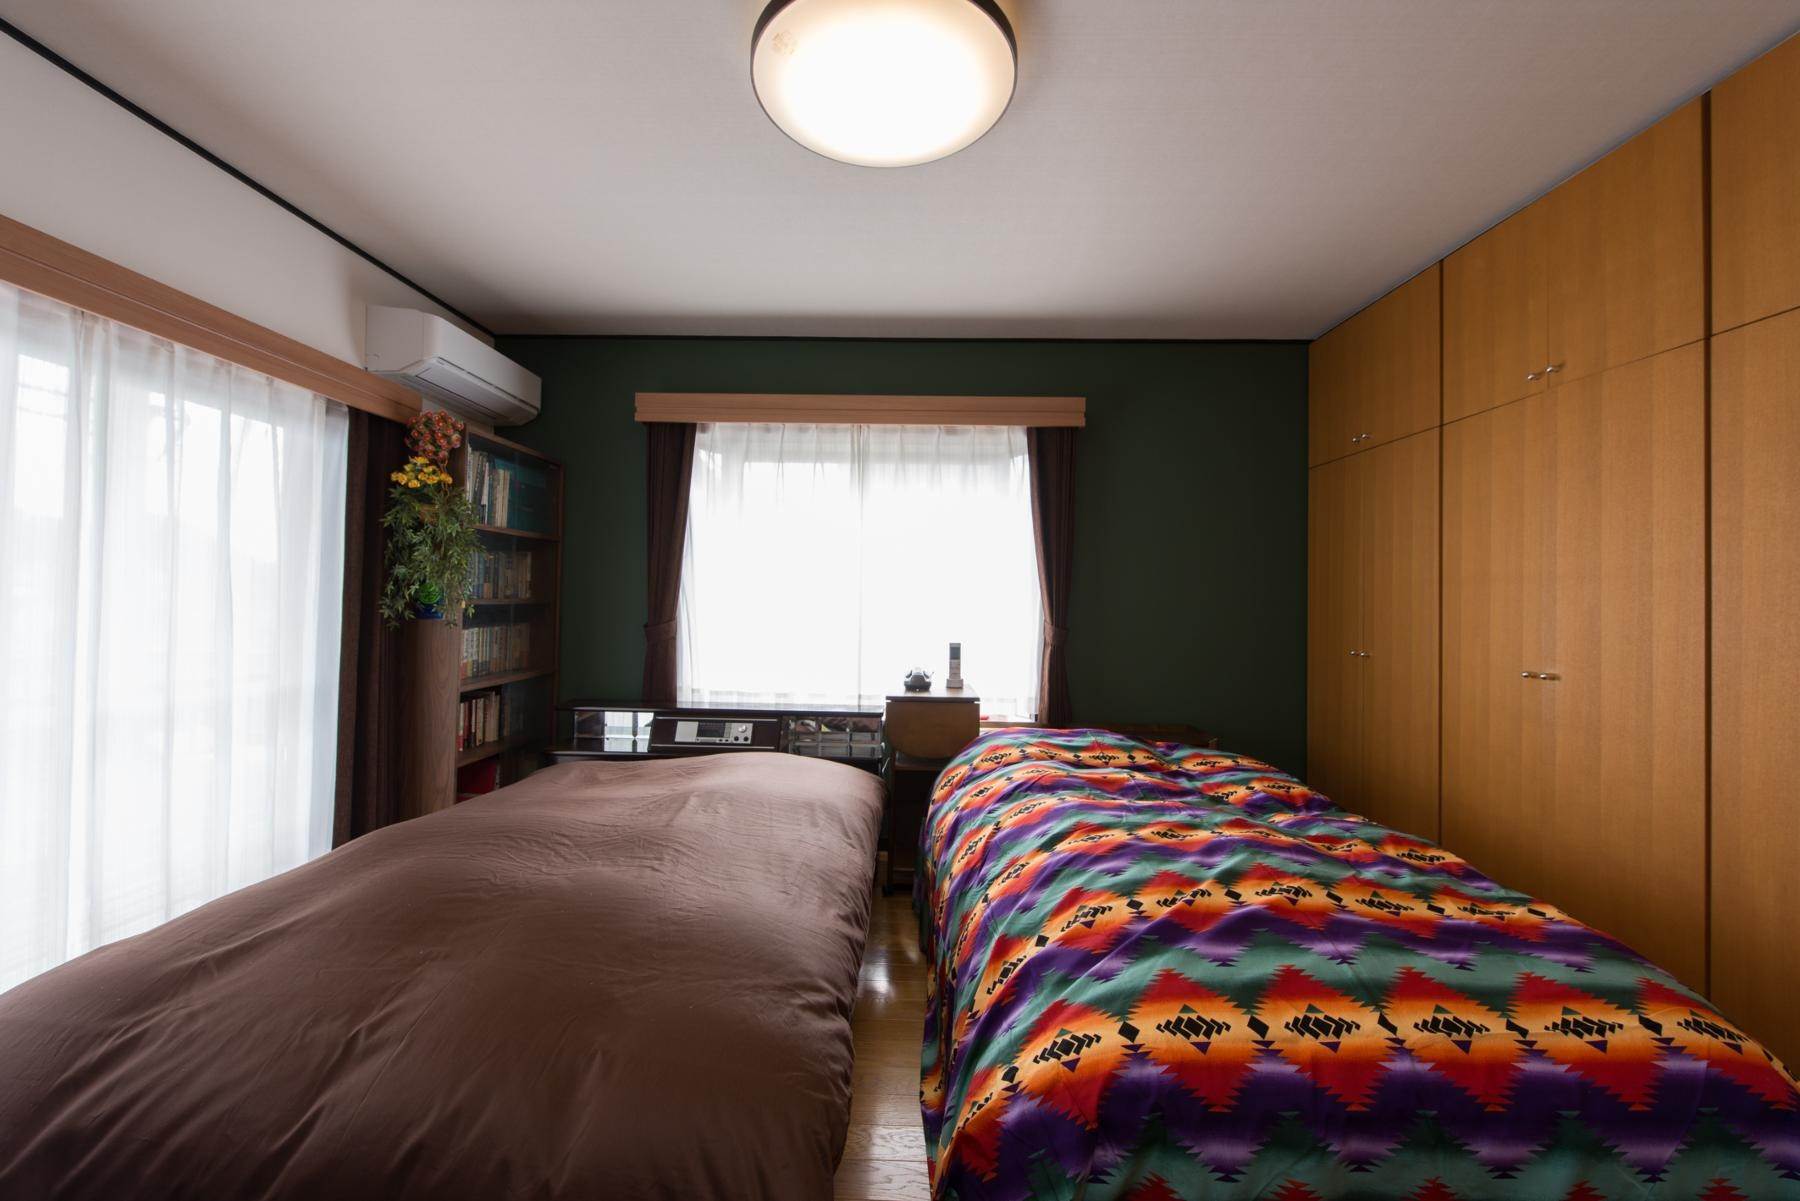 ベッドルーム事例:寝室(お母様と同居&趣味も楽しめる!戸建て全面リフォーム)